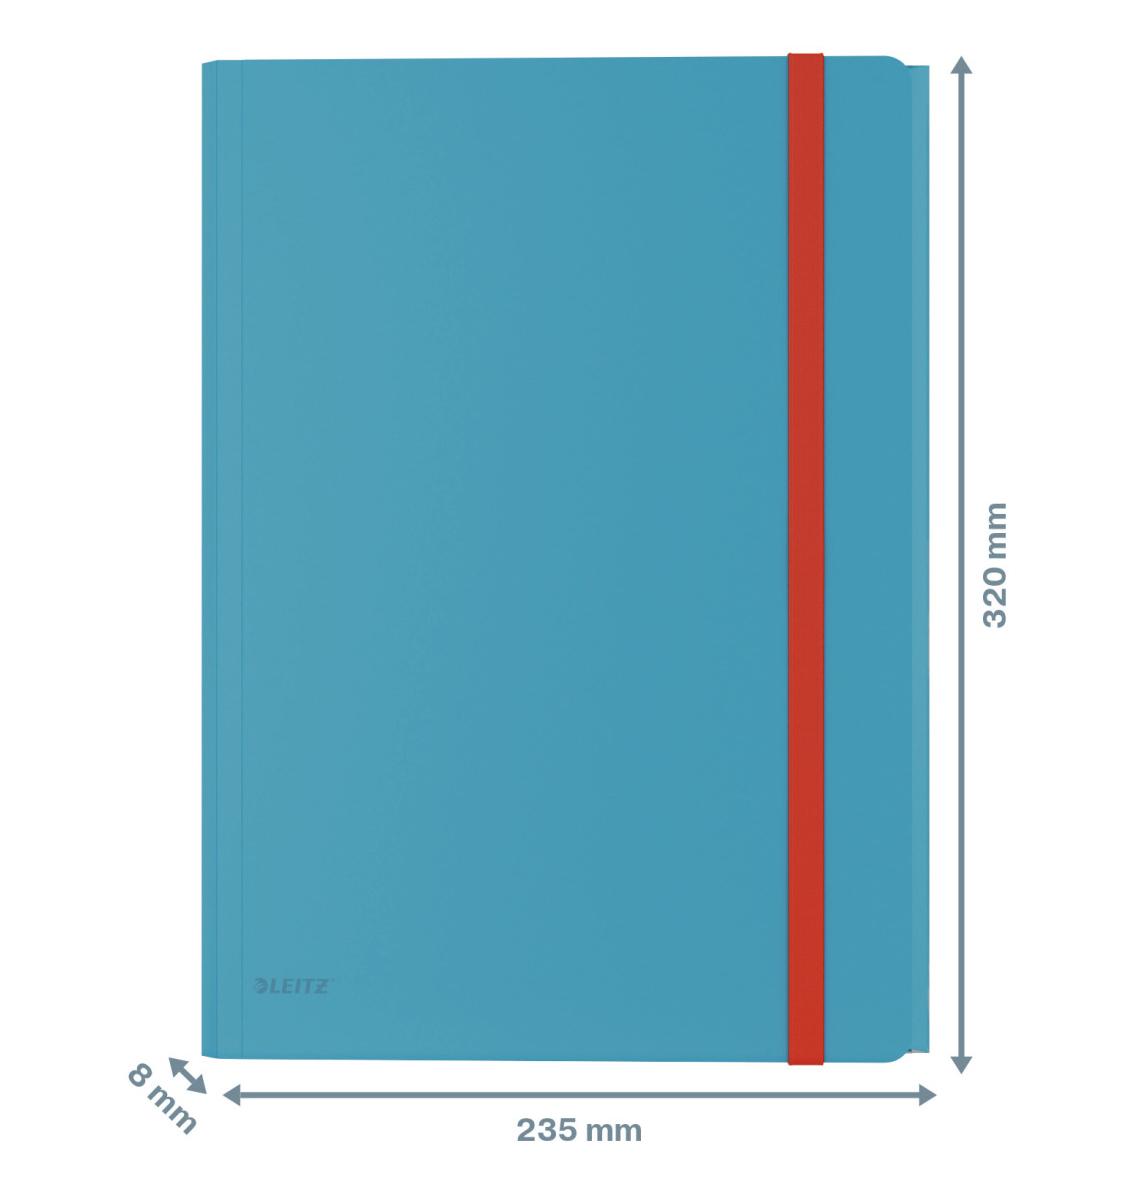 Папка на резинках Leitz Cosy, A4 PP до 150л., с тремя клапанами, син. LEITZ - фото 2